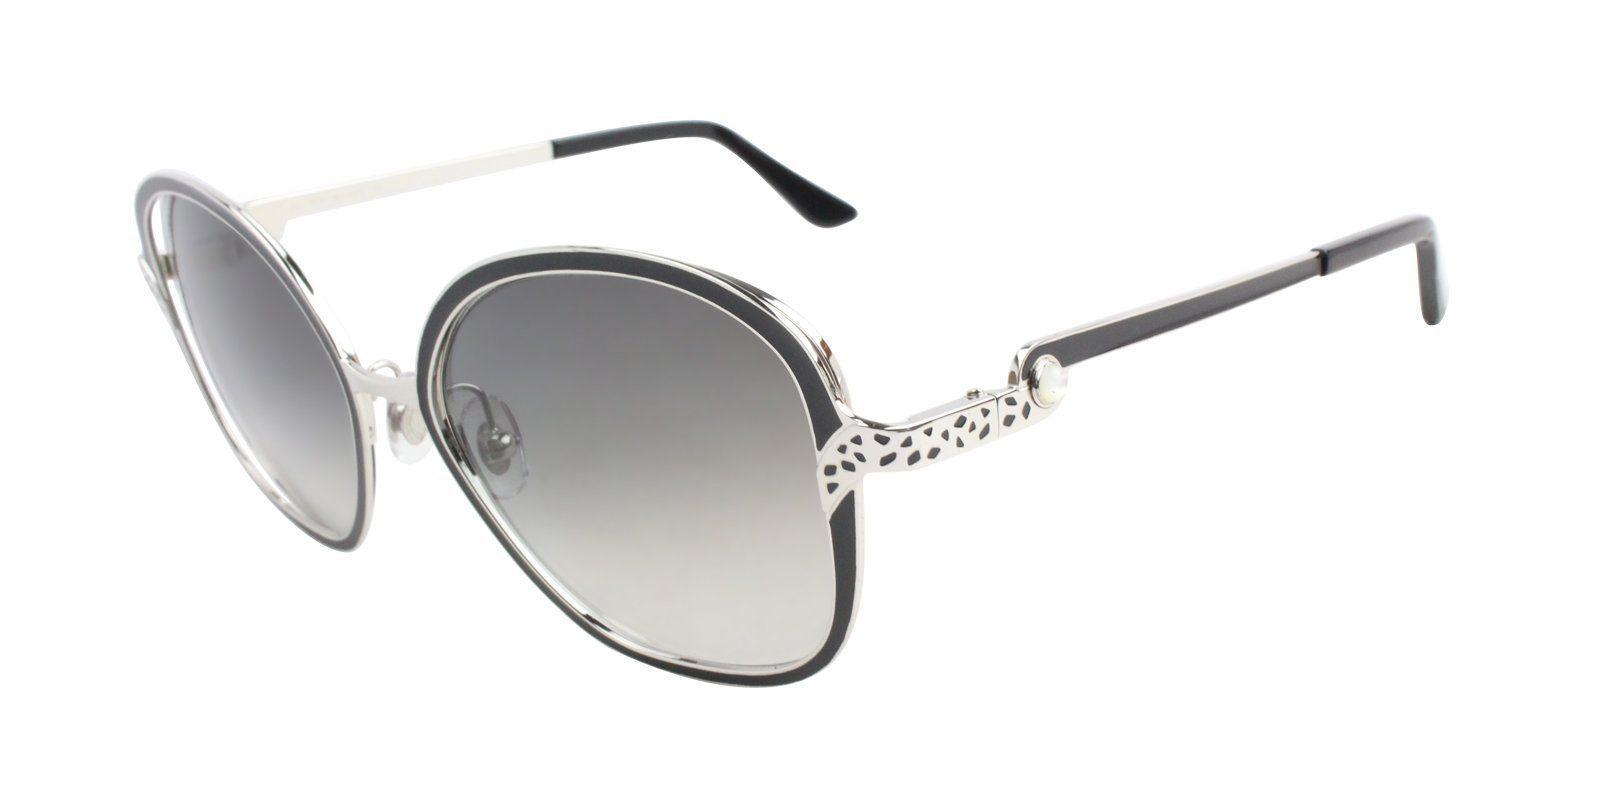 f3ebe7ae215 Cartier - Panthere De Cartier ESW00042 sunglasses